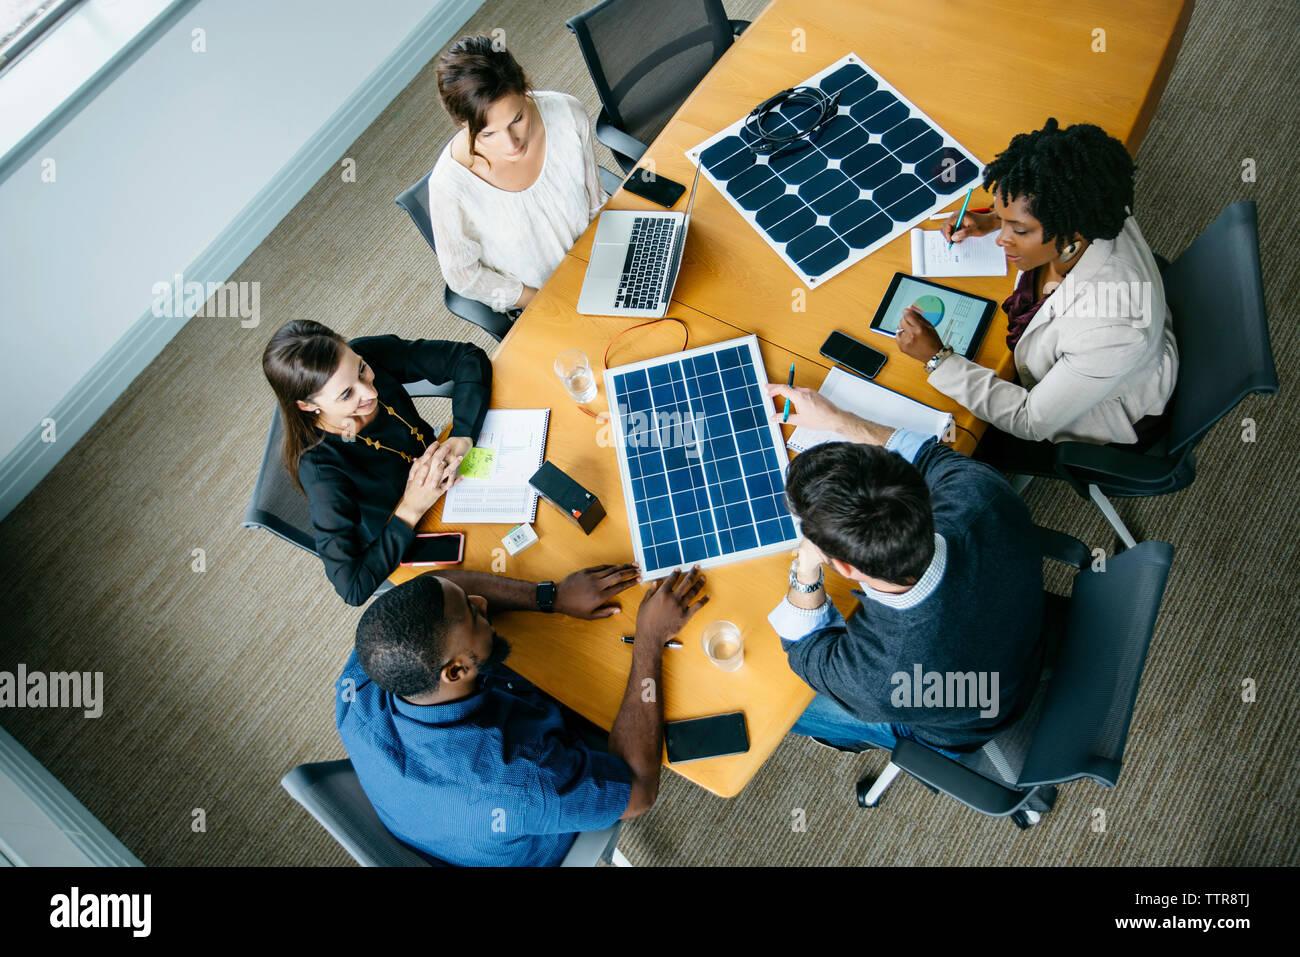 Vista aérea del negocio gente discutiendo sobre modelos de paneles solares durante la reunión Foto de stock